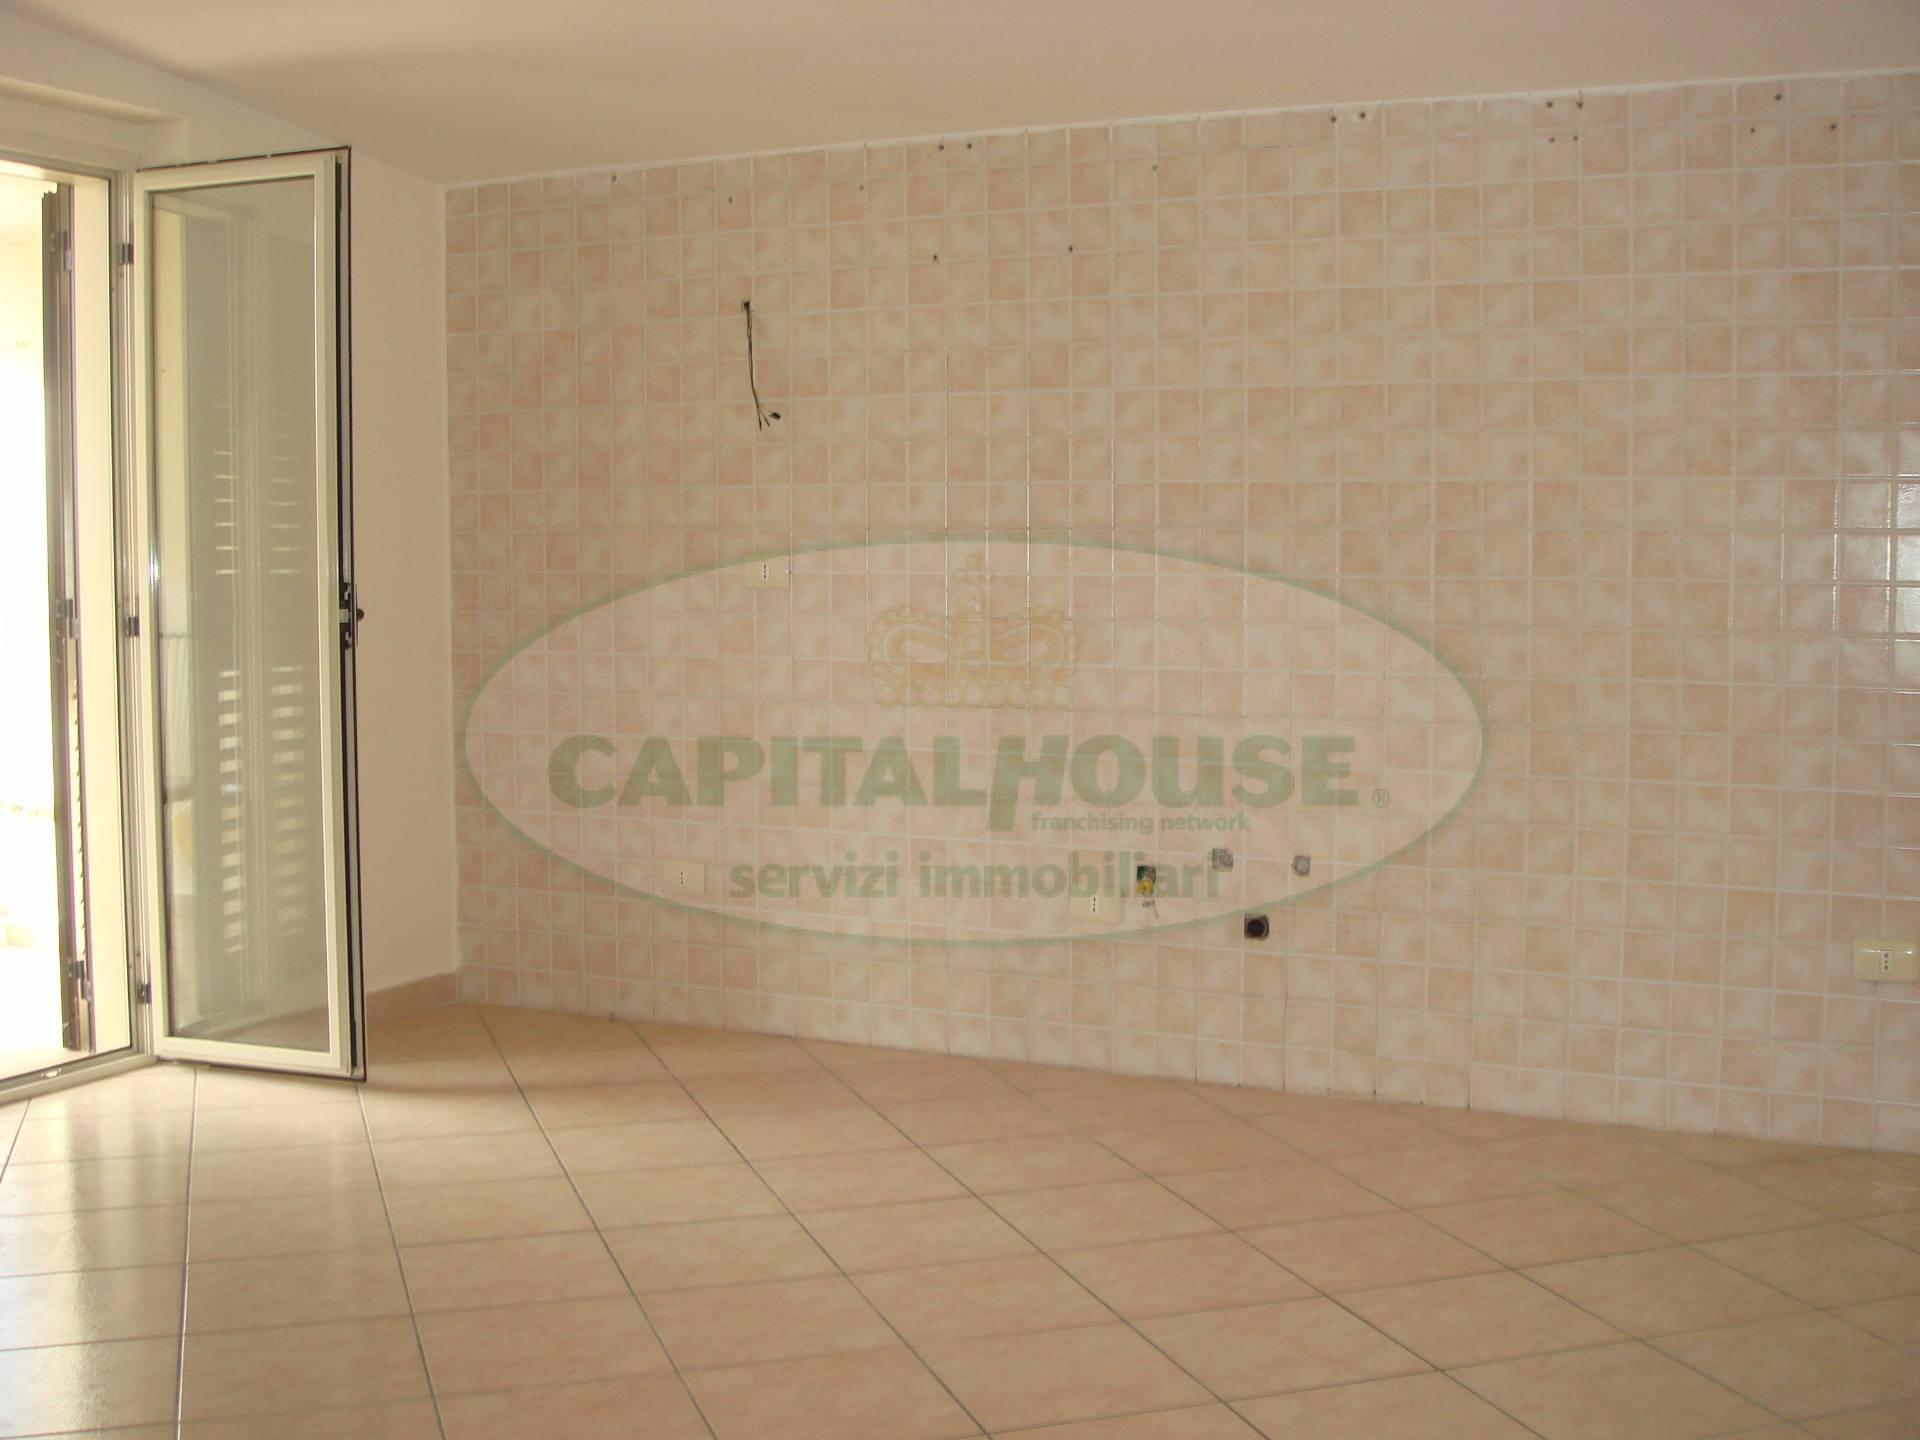 Attico / Mansarda in vendita a Santa Maria Capua Vetere, 4 locali, prezzo € 100.000 | Cambio Casa.it